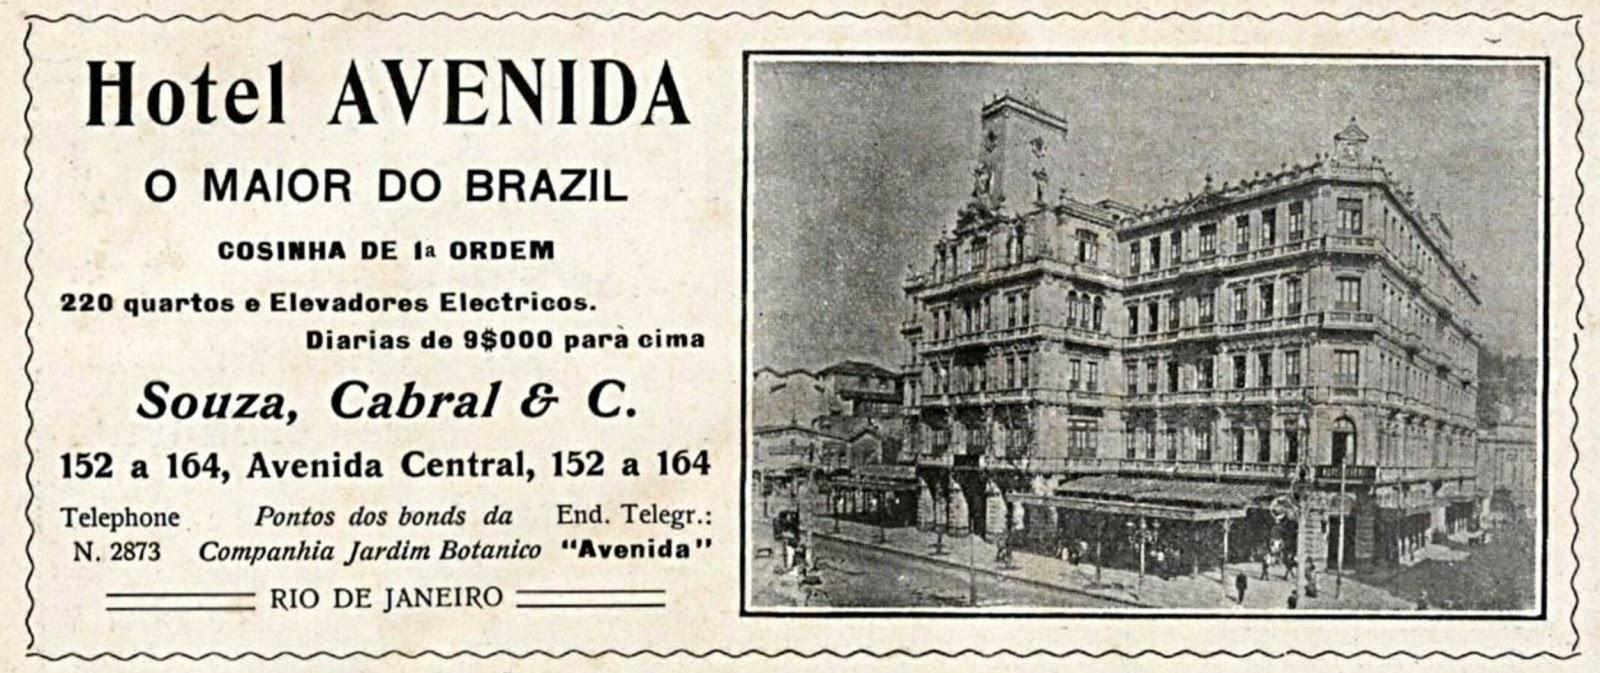 Propaganda antiga do Hotel Avenida no Rio de Janeiro veiculada em 1909